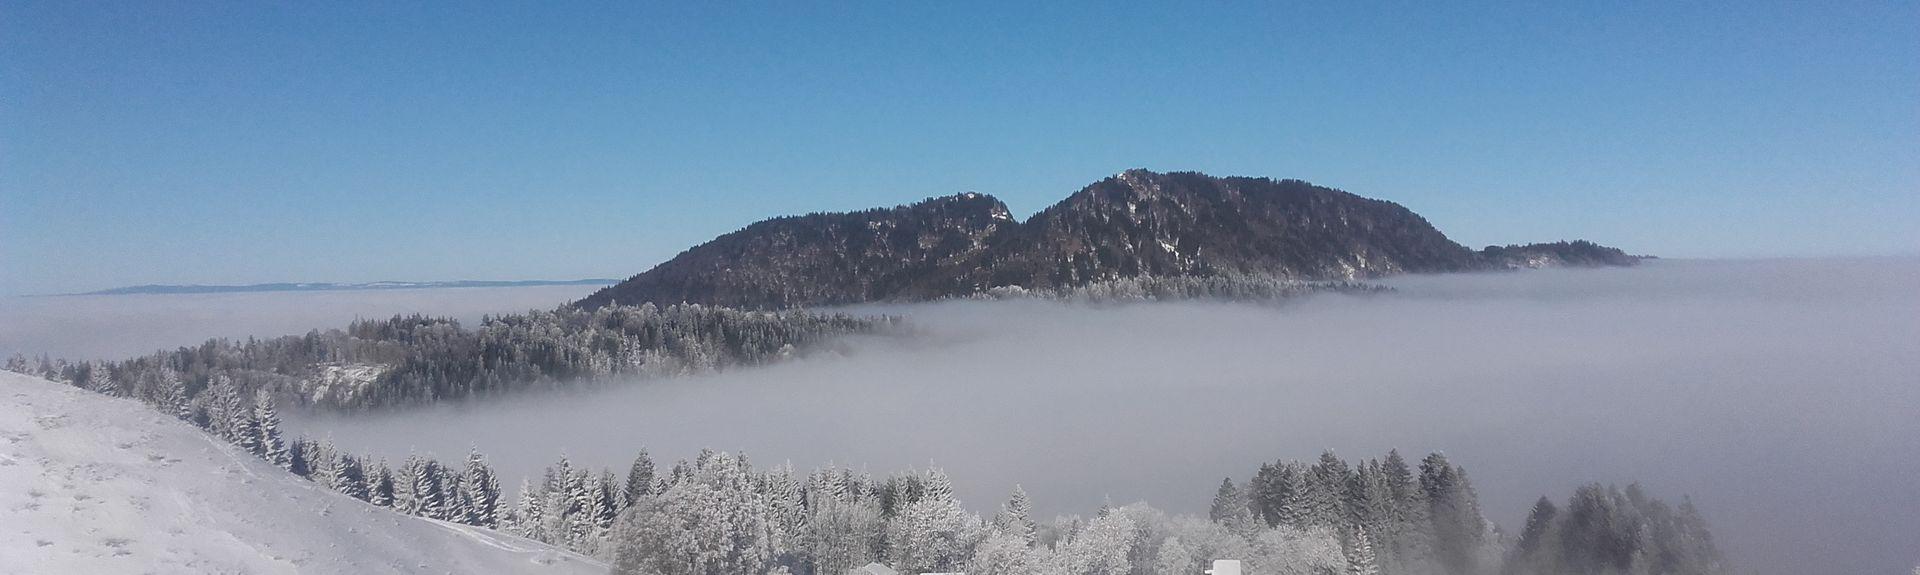 Bogève, Haute-Savoie (département), France